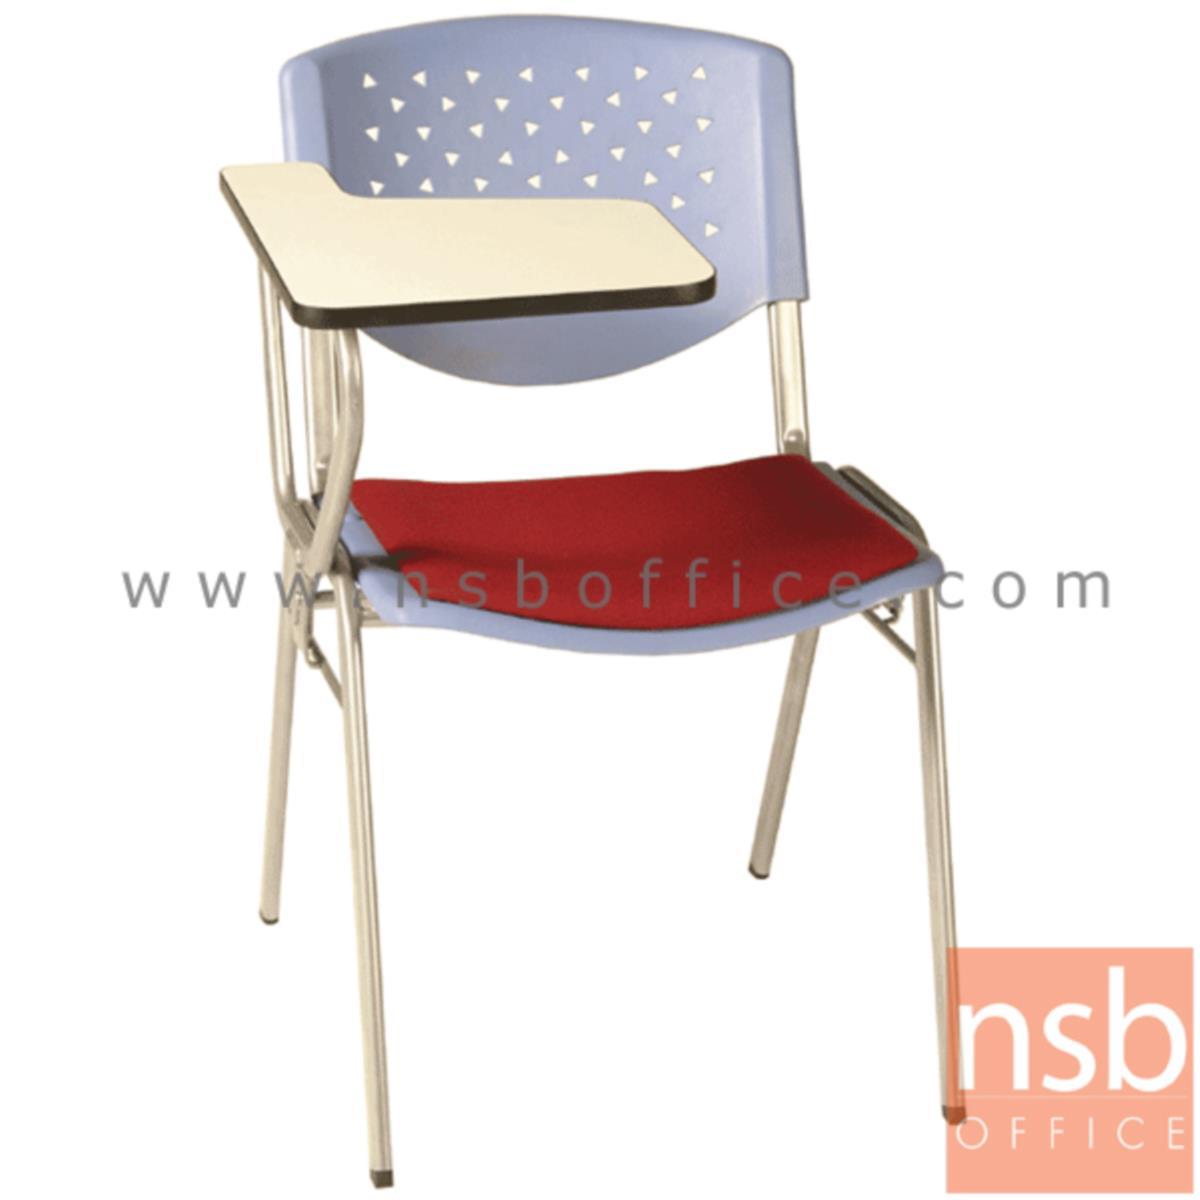 เก้าอี้เลคเชอร์เฟรมโพลี่ รุ่น C436-926 ขาเหล็ก